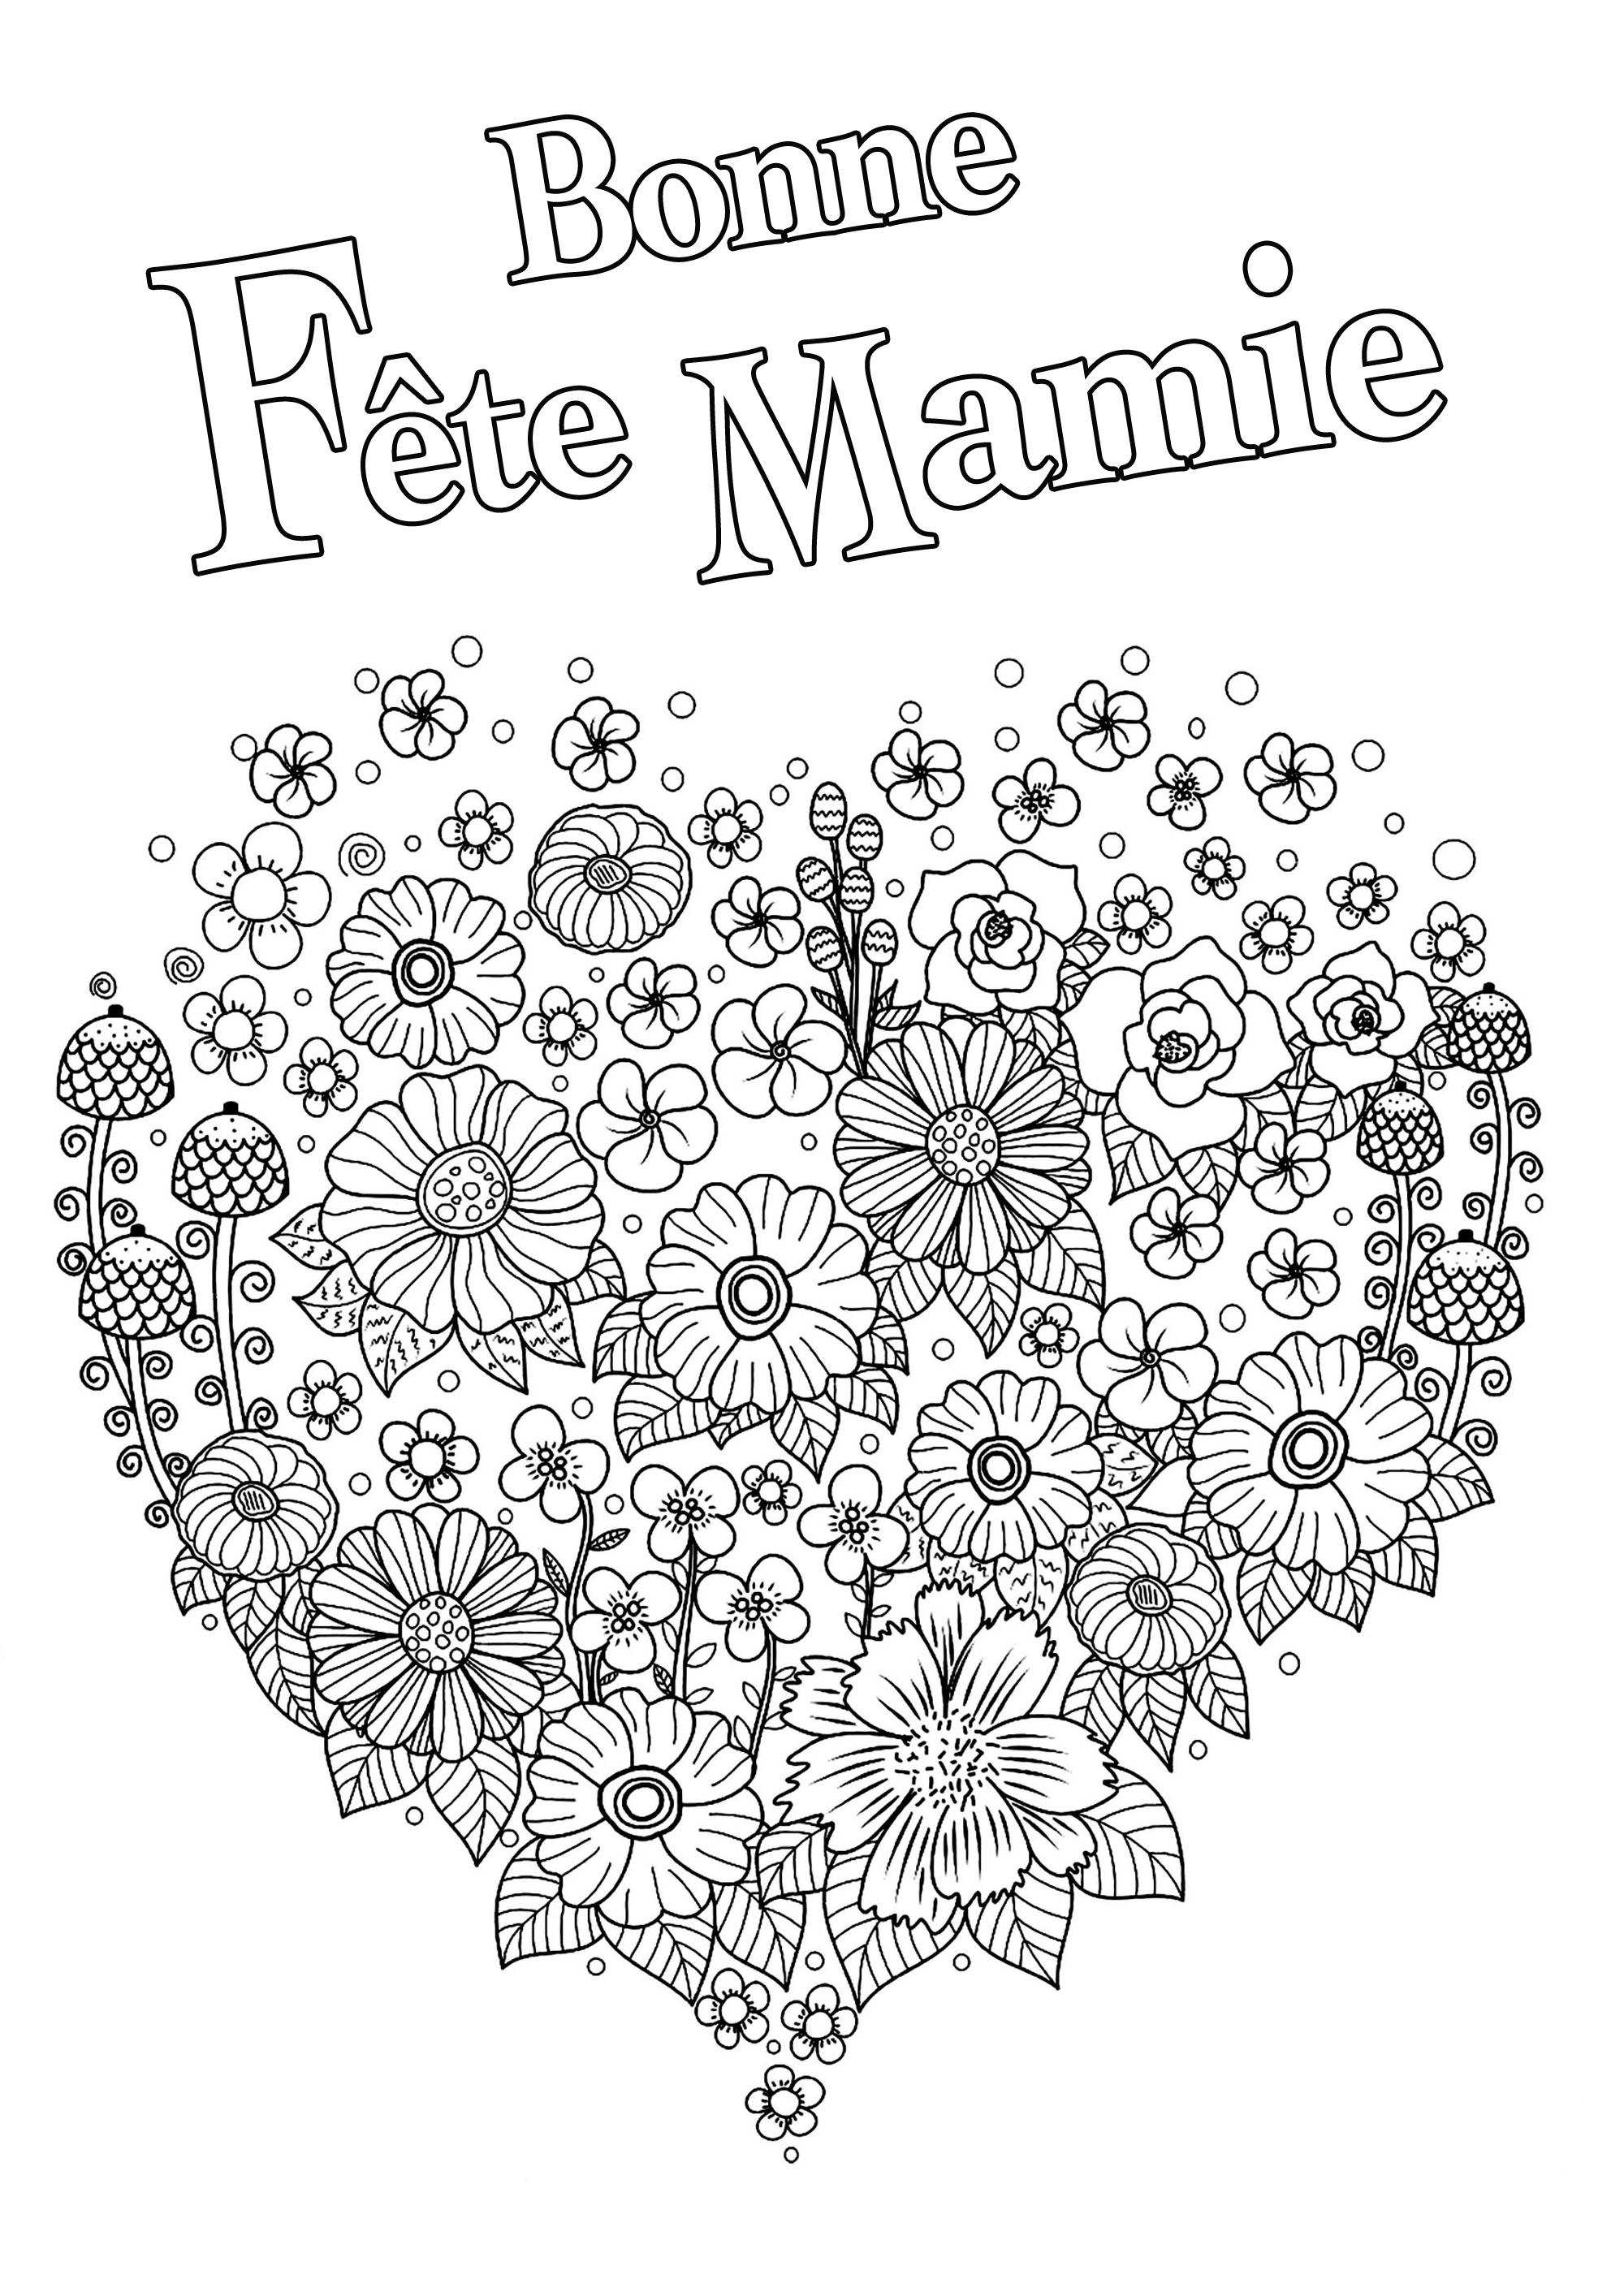 Bonne Fête Mamie : Coloriage avec coeur plein de fleurs